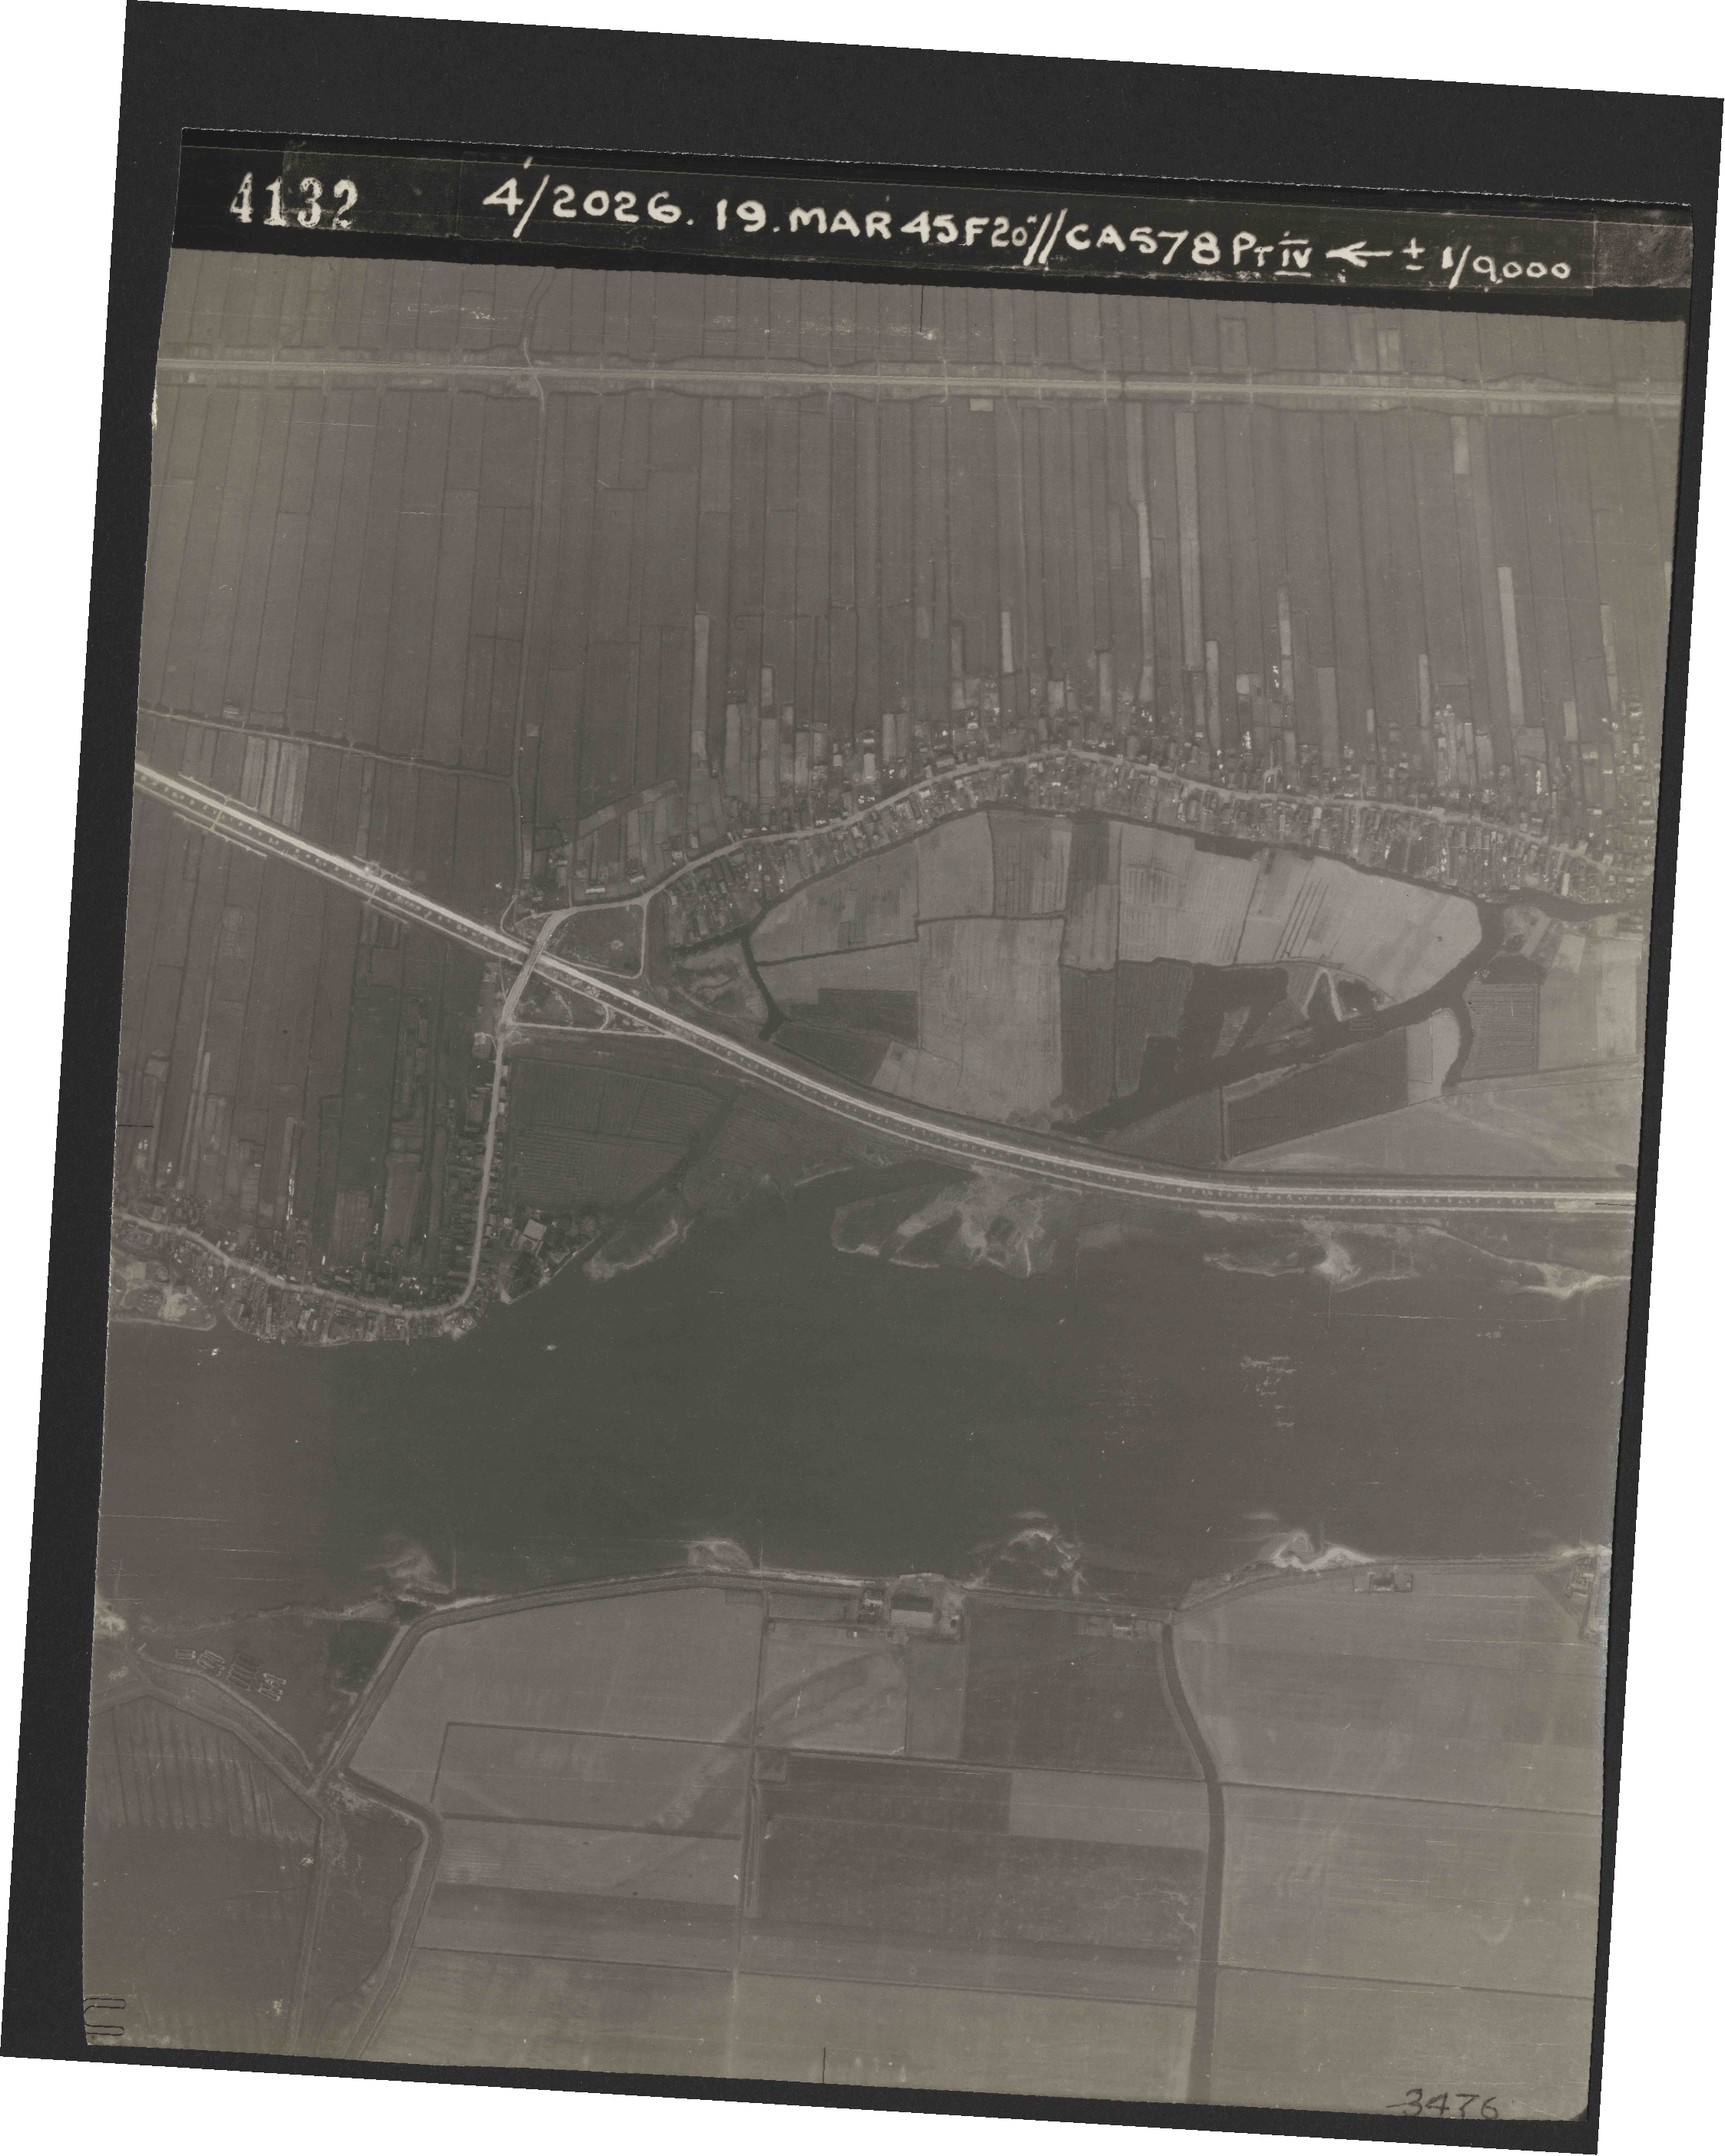 Collection RAF aerial photos 1940-1945 - flight 012, run 05, photo 4132